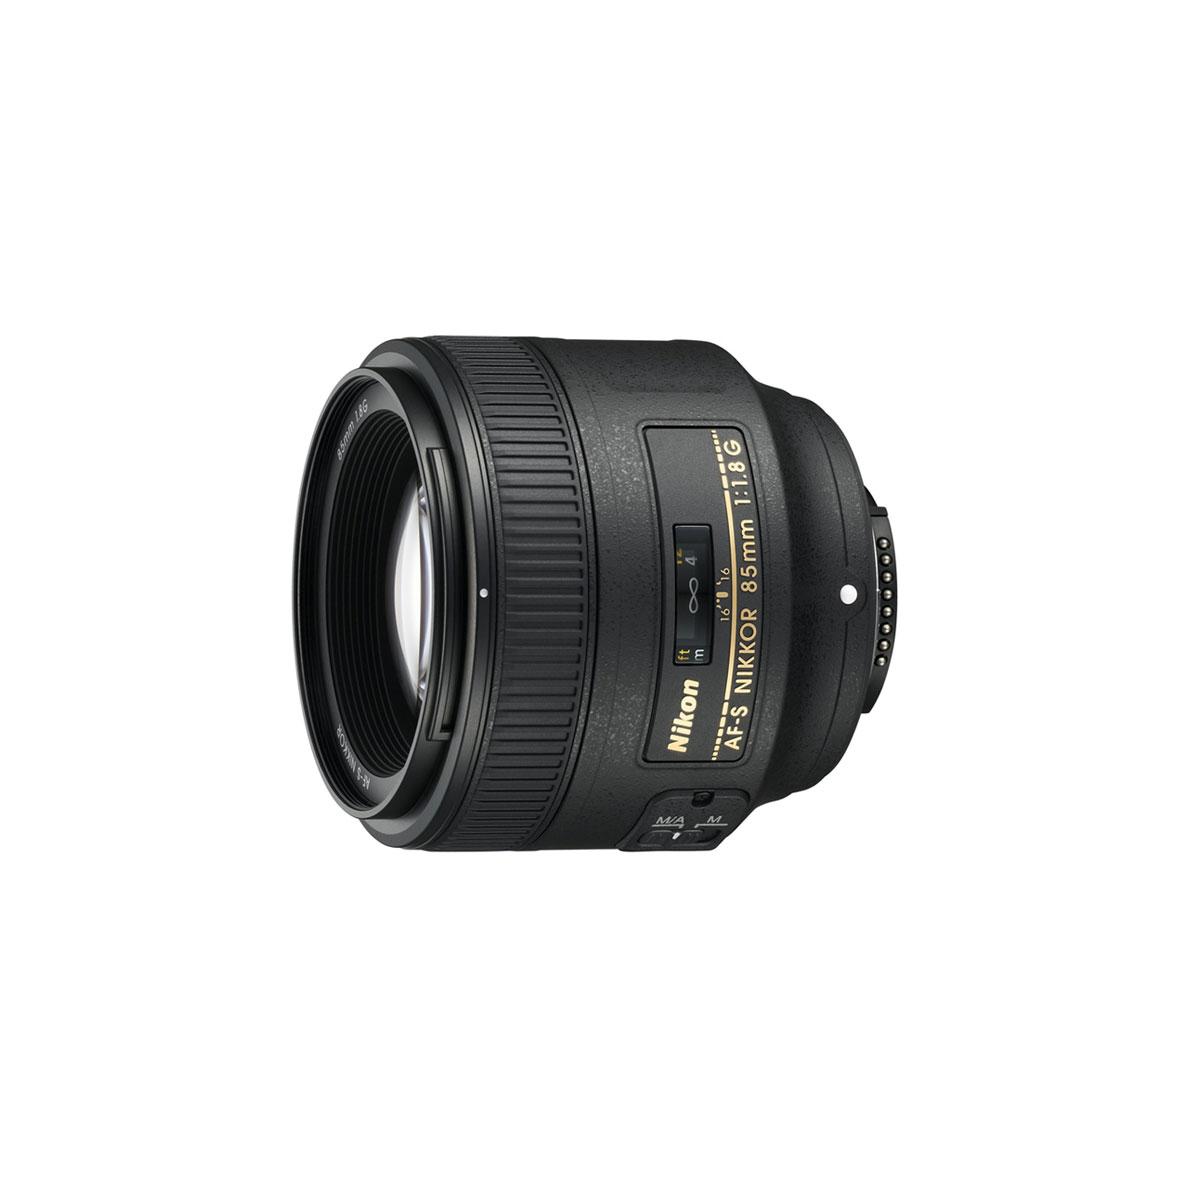 Nikon Af S Nikkor 85mm F 1 8g The Camera Exchange Inc